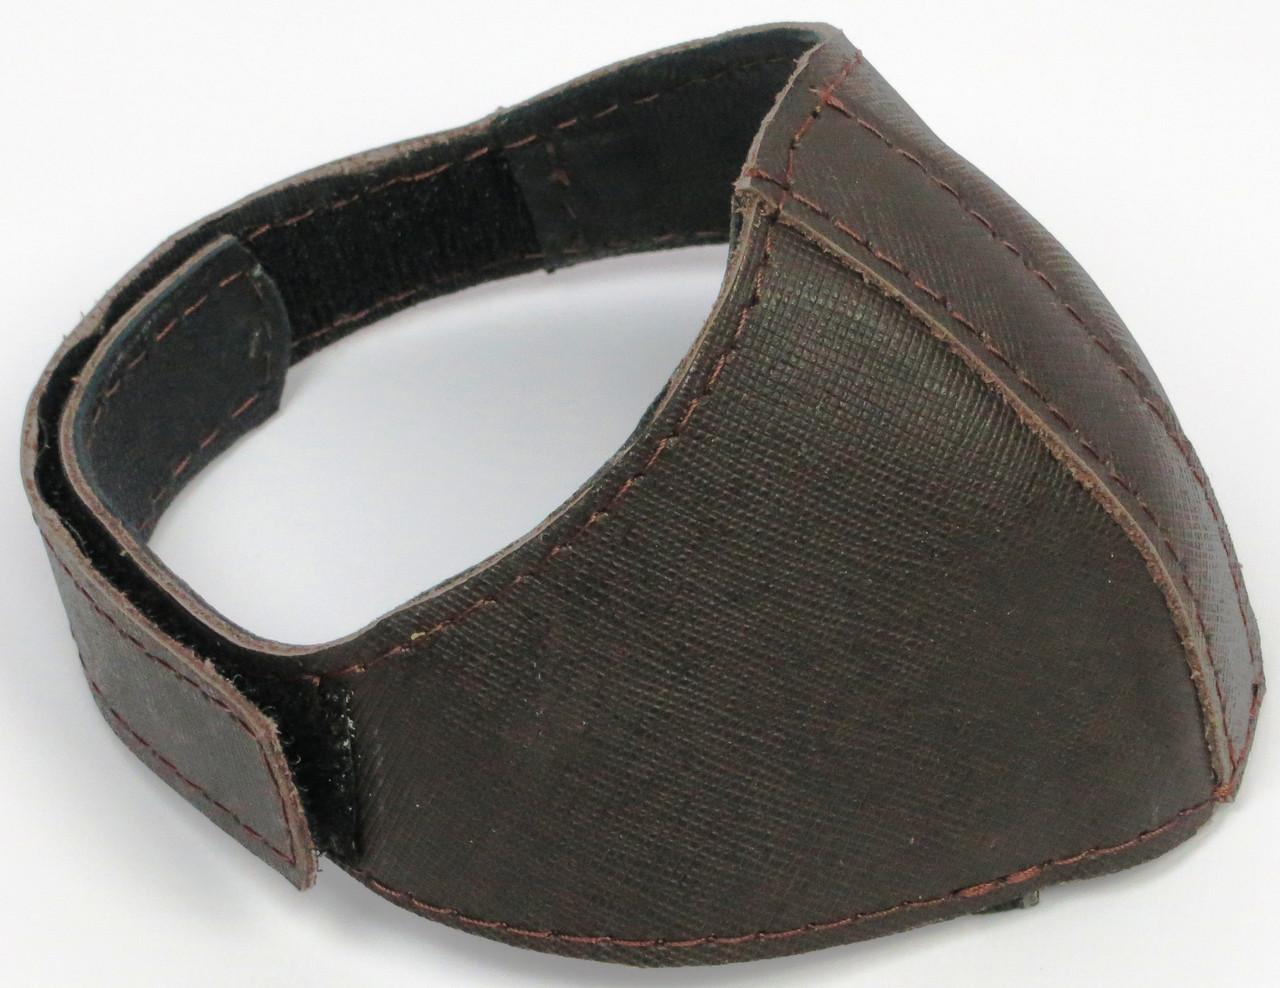 Автопятка шкіряна для жіночого взуття Коричневий (608835-1)